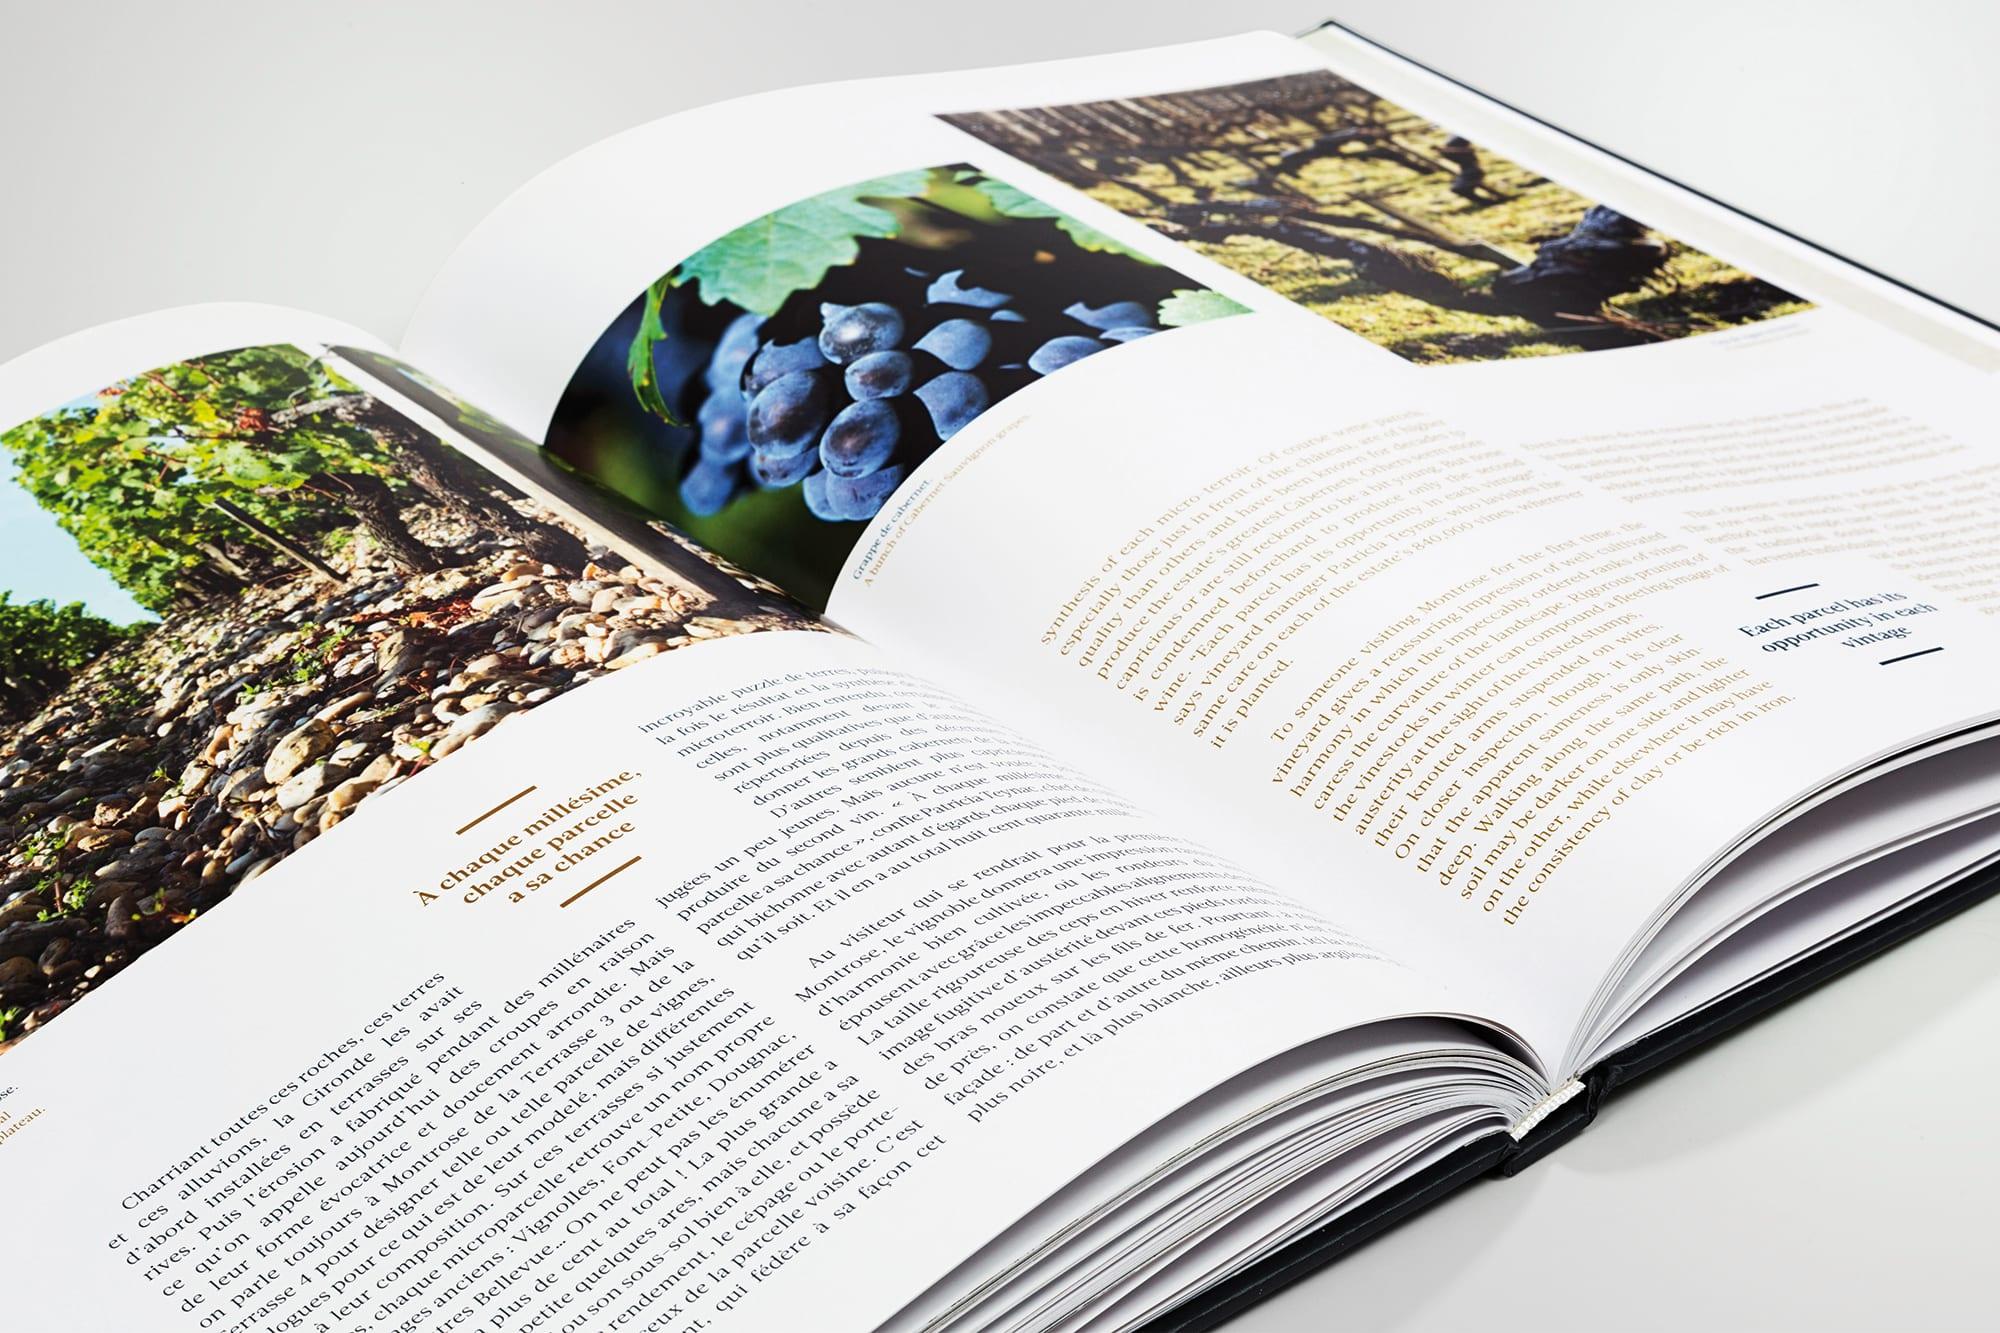 Montrose, histoire de la vigne